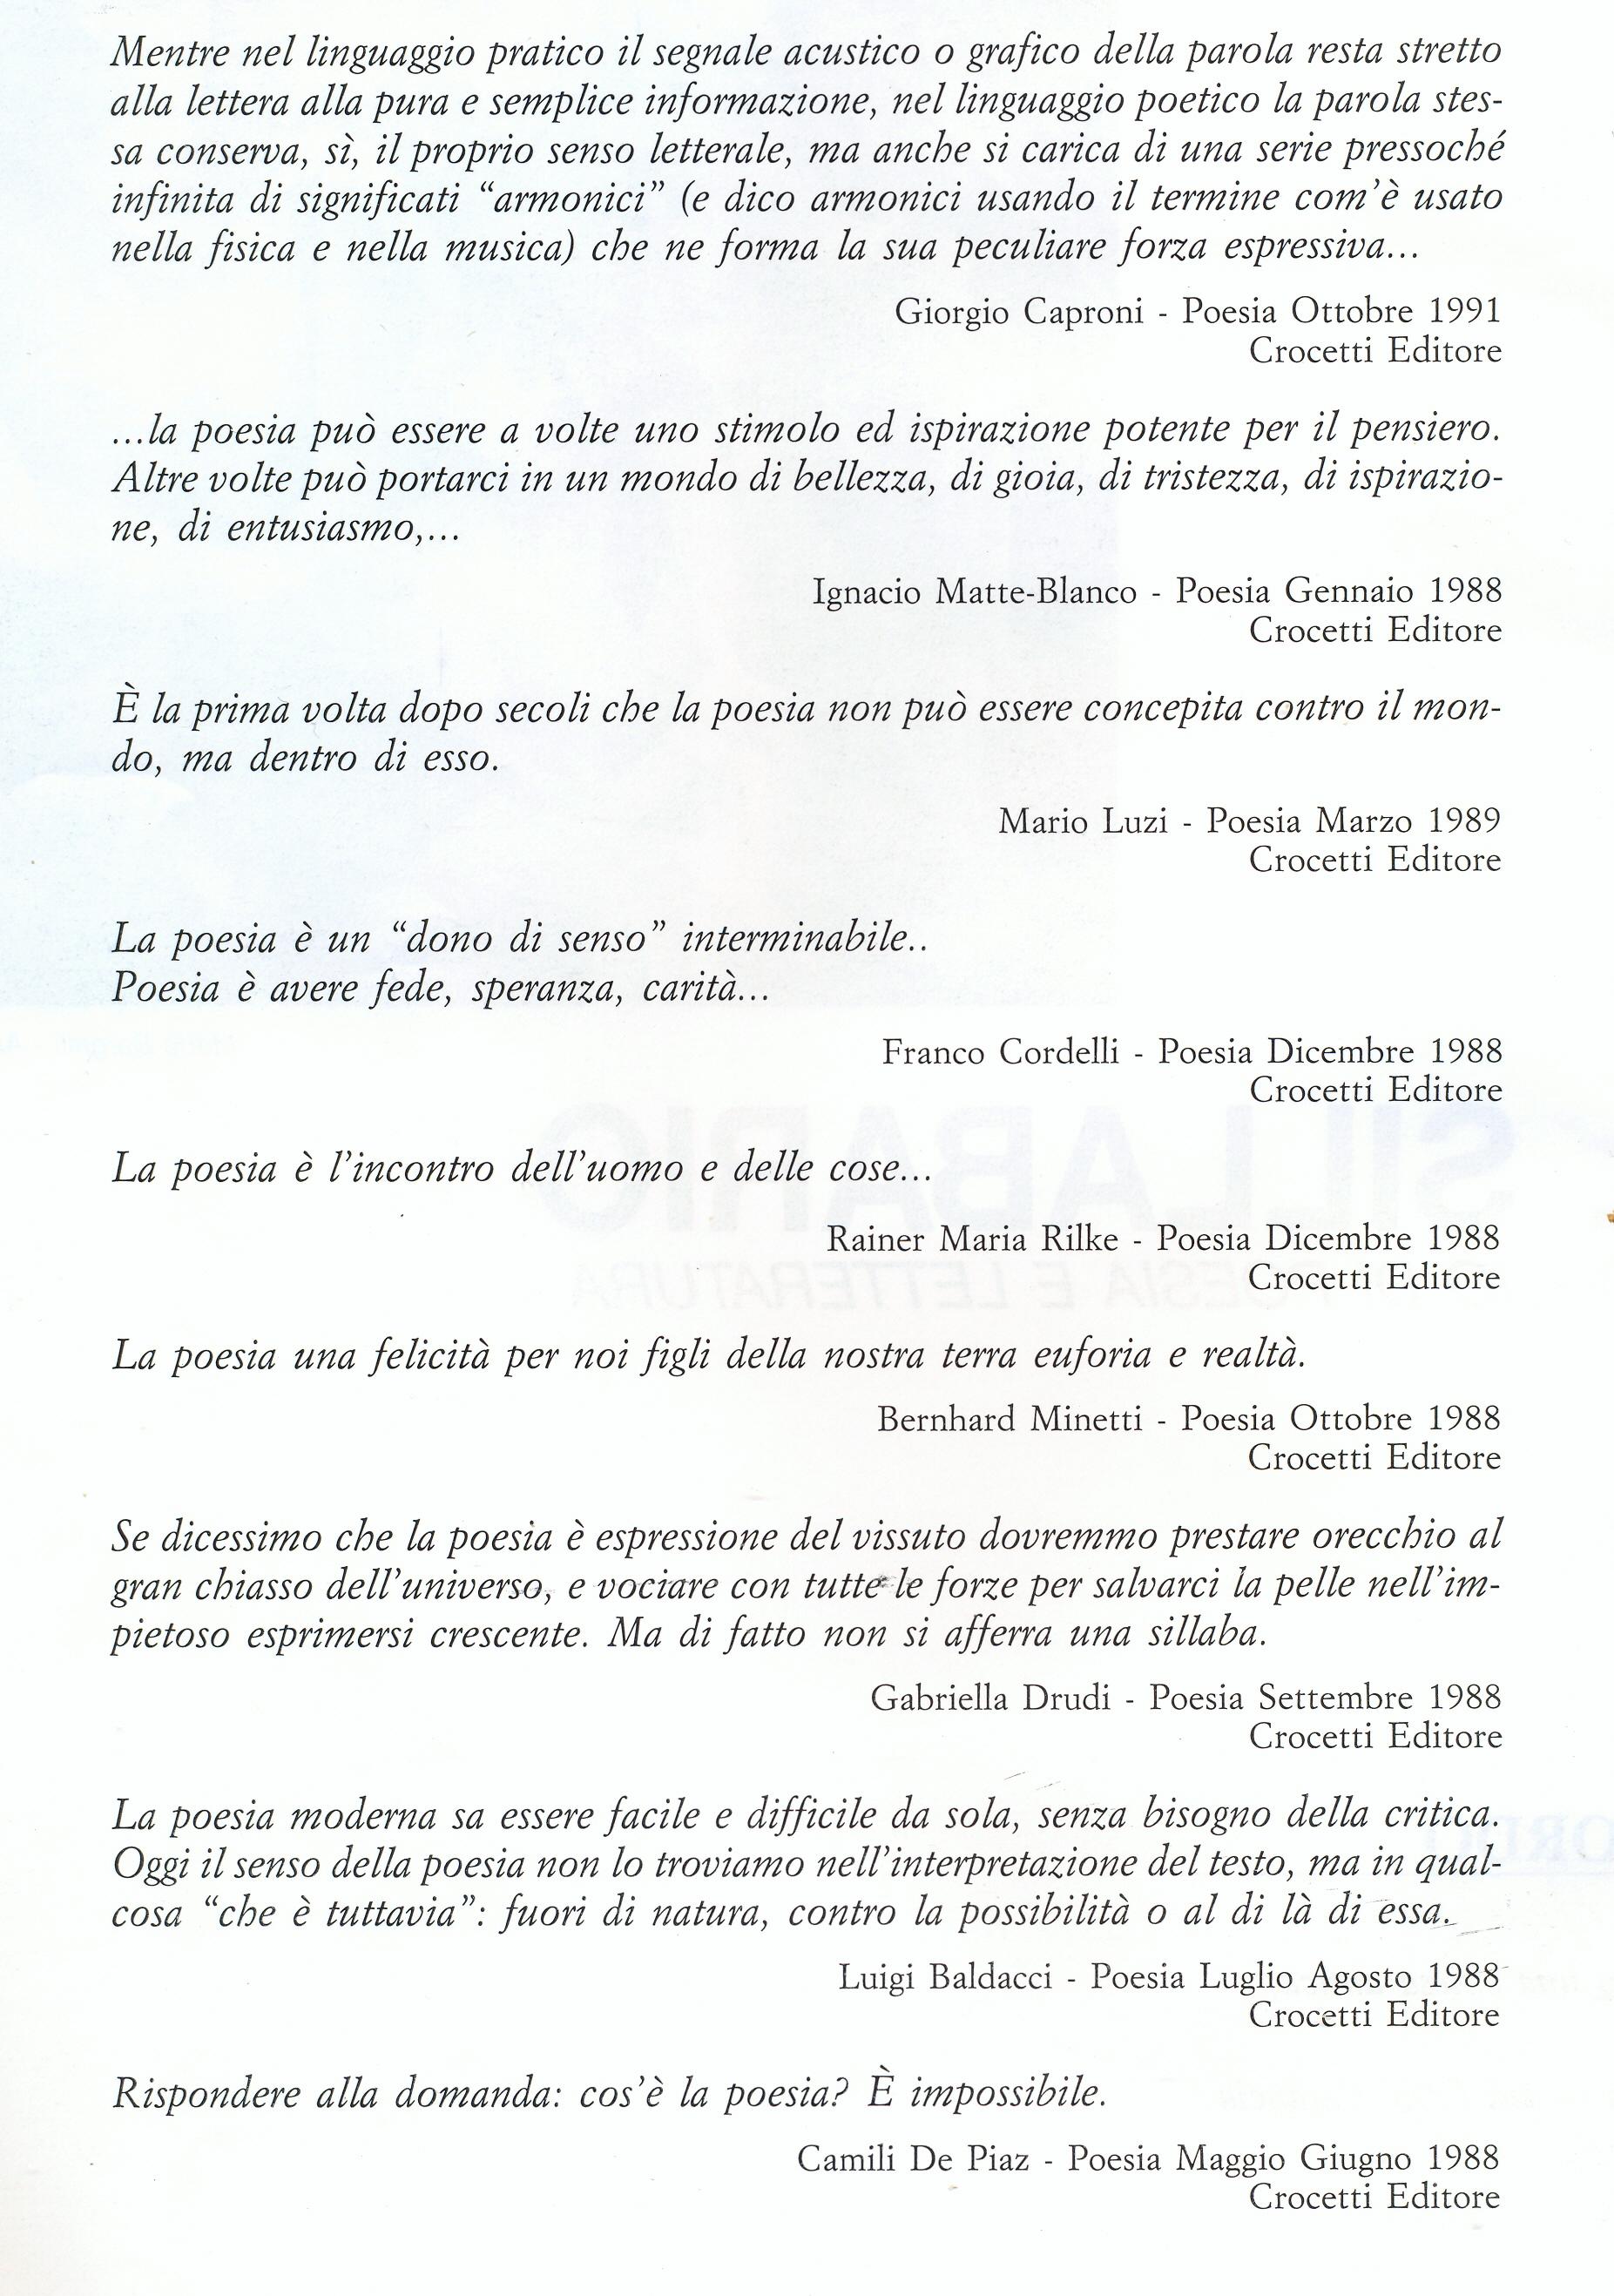 Popolare poesia | Il sillabario 2013 HE57